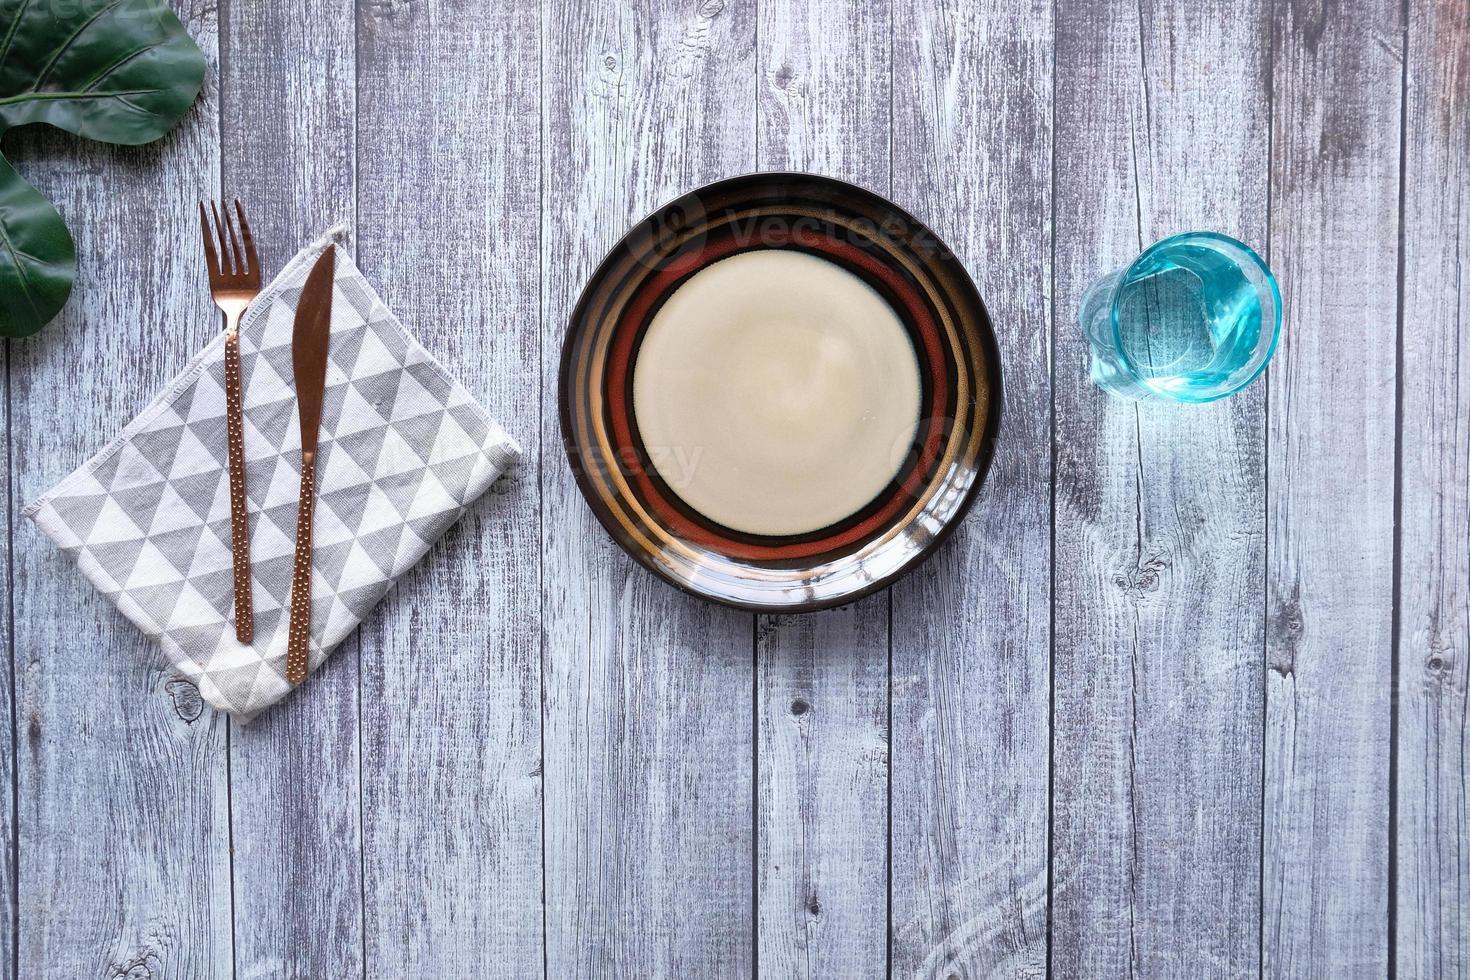 prato vazio com uma faca e um garfo no fundo de madeira foto